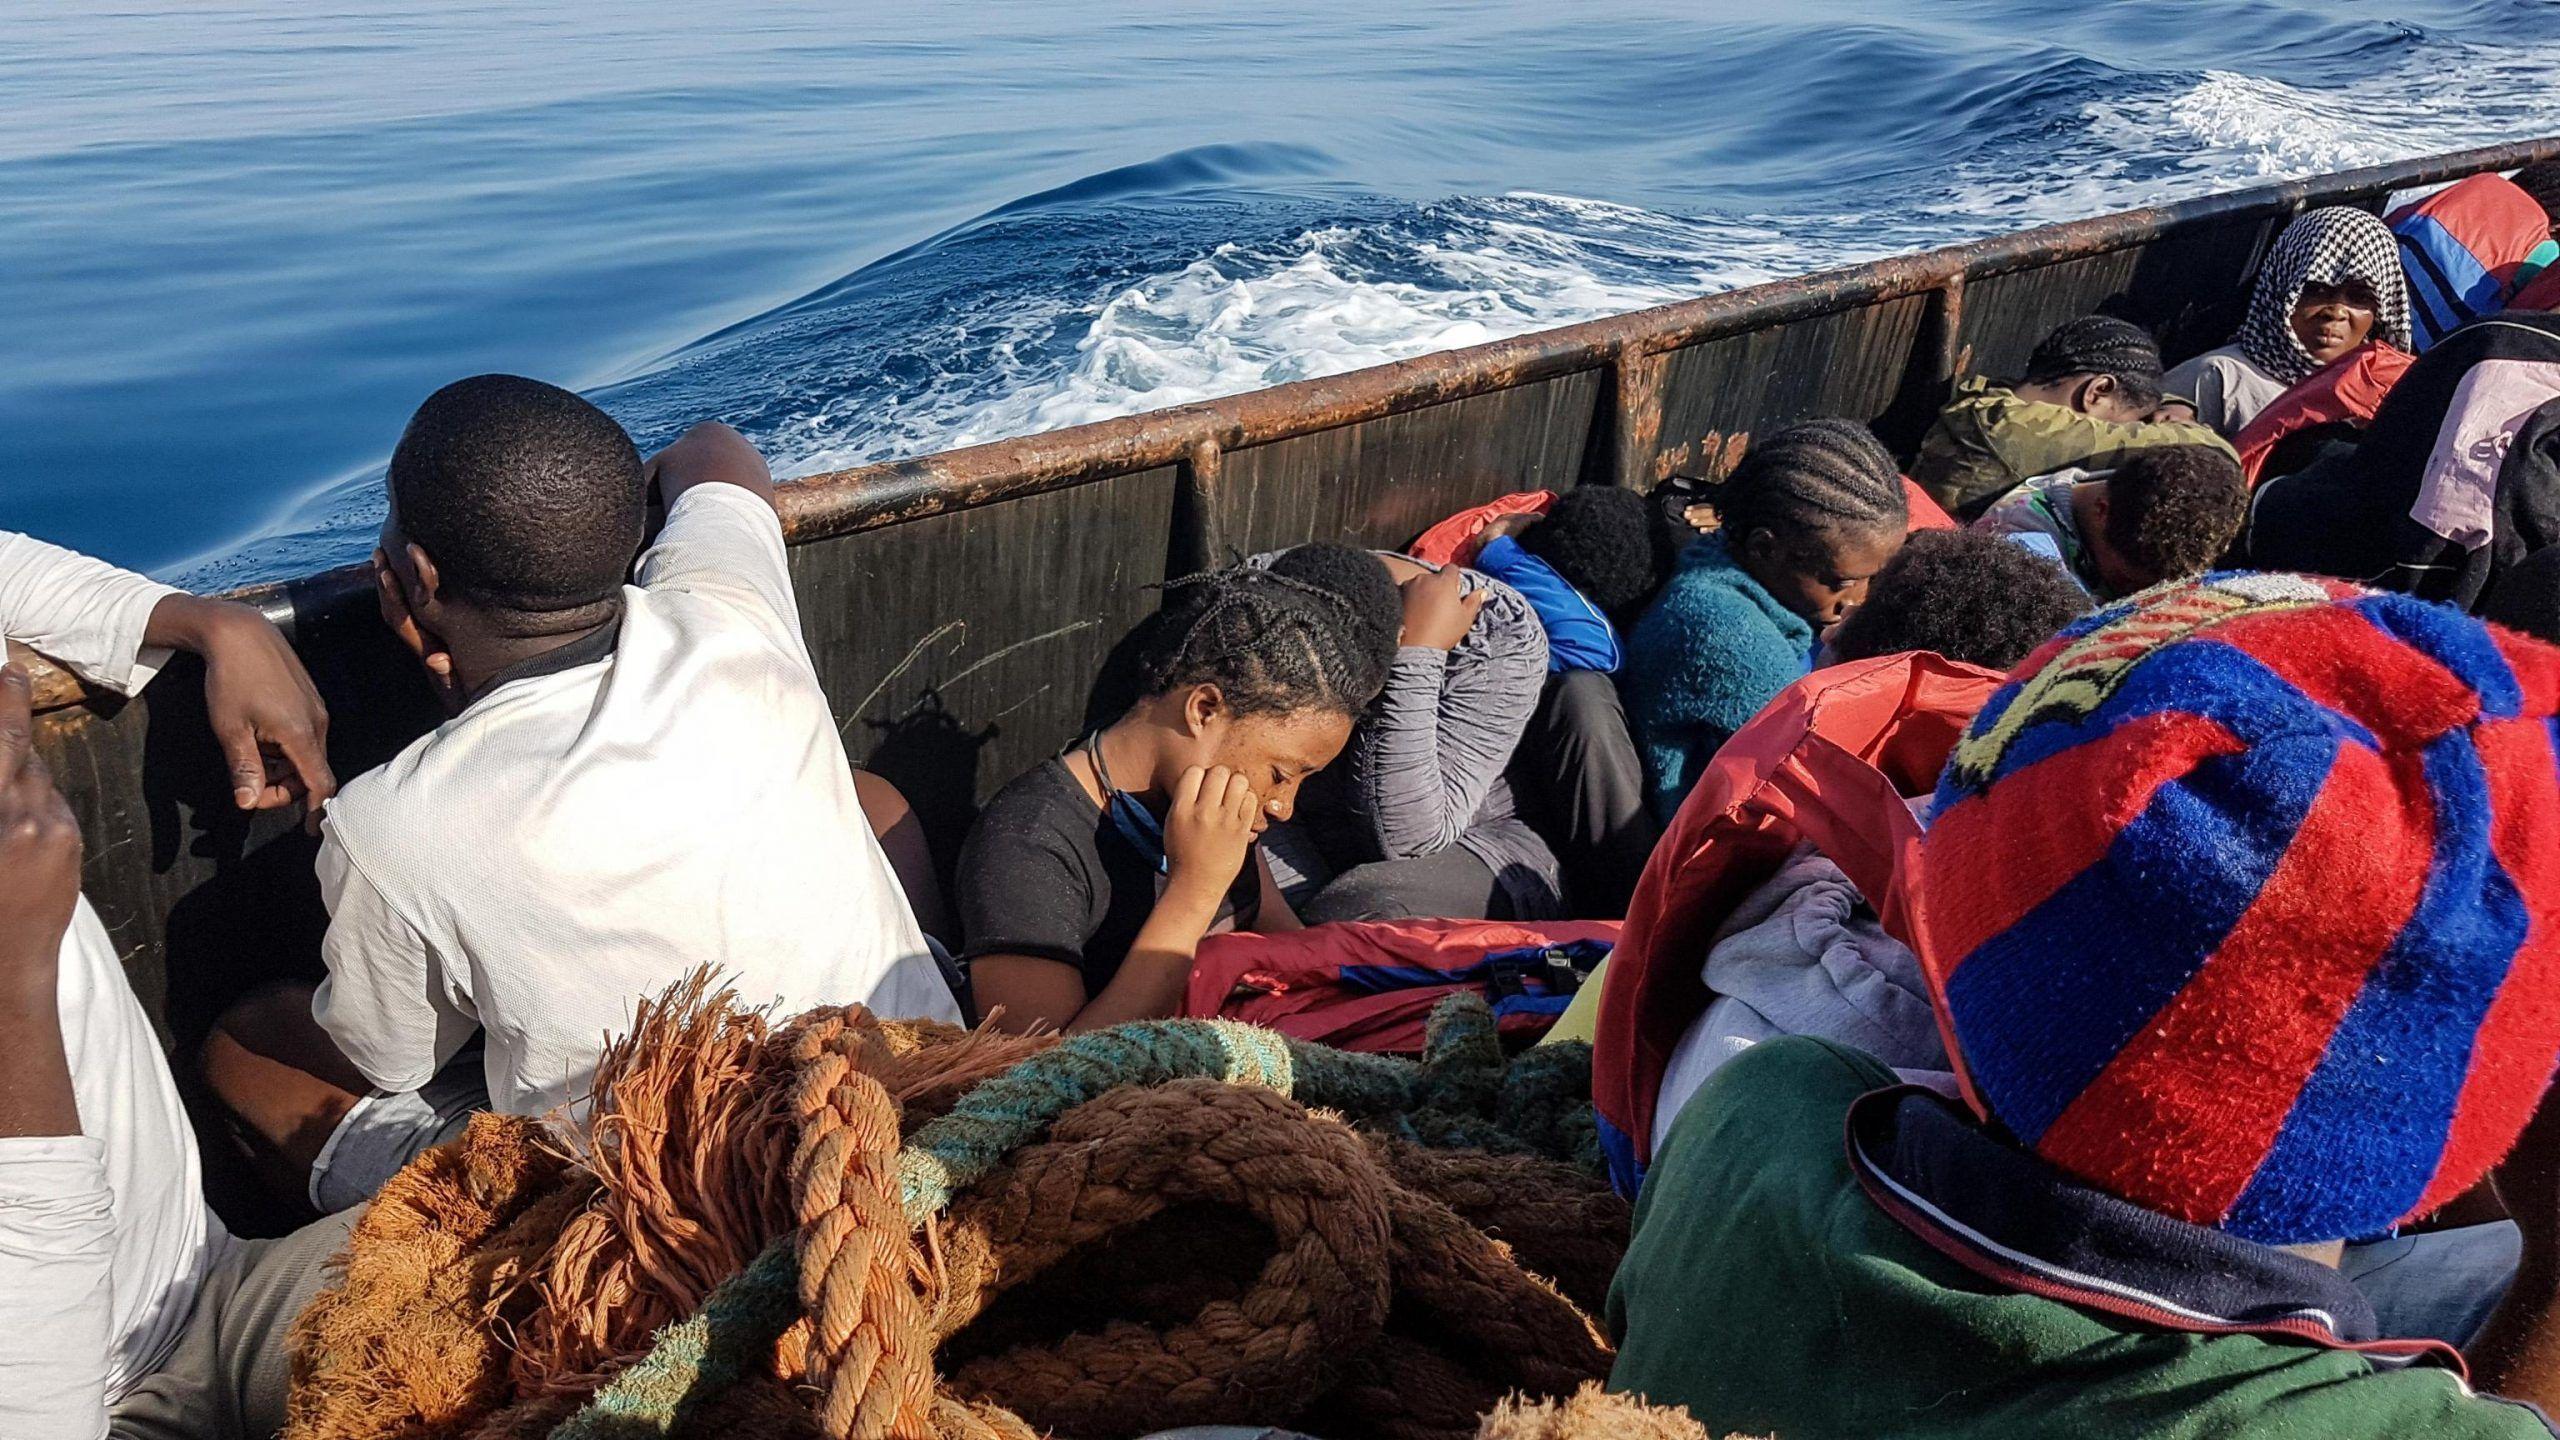 Migranti, le colpe dell'Occidente: cosa vuol dire davvero aiutarli a casa loro?